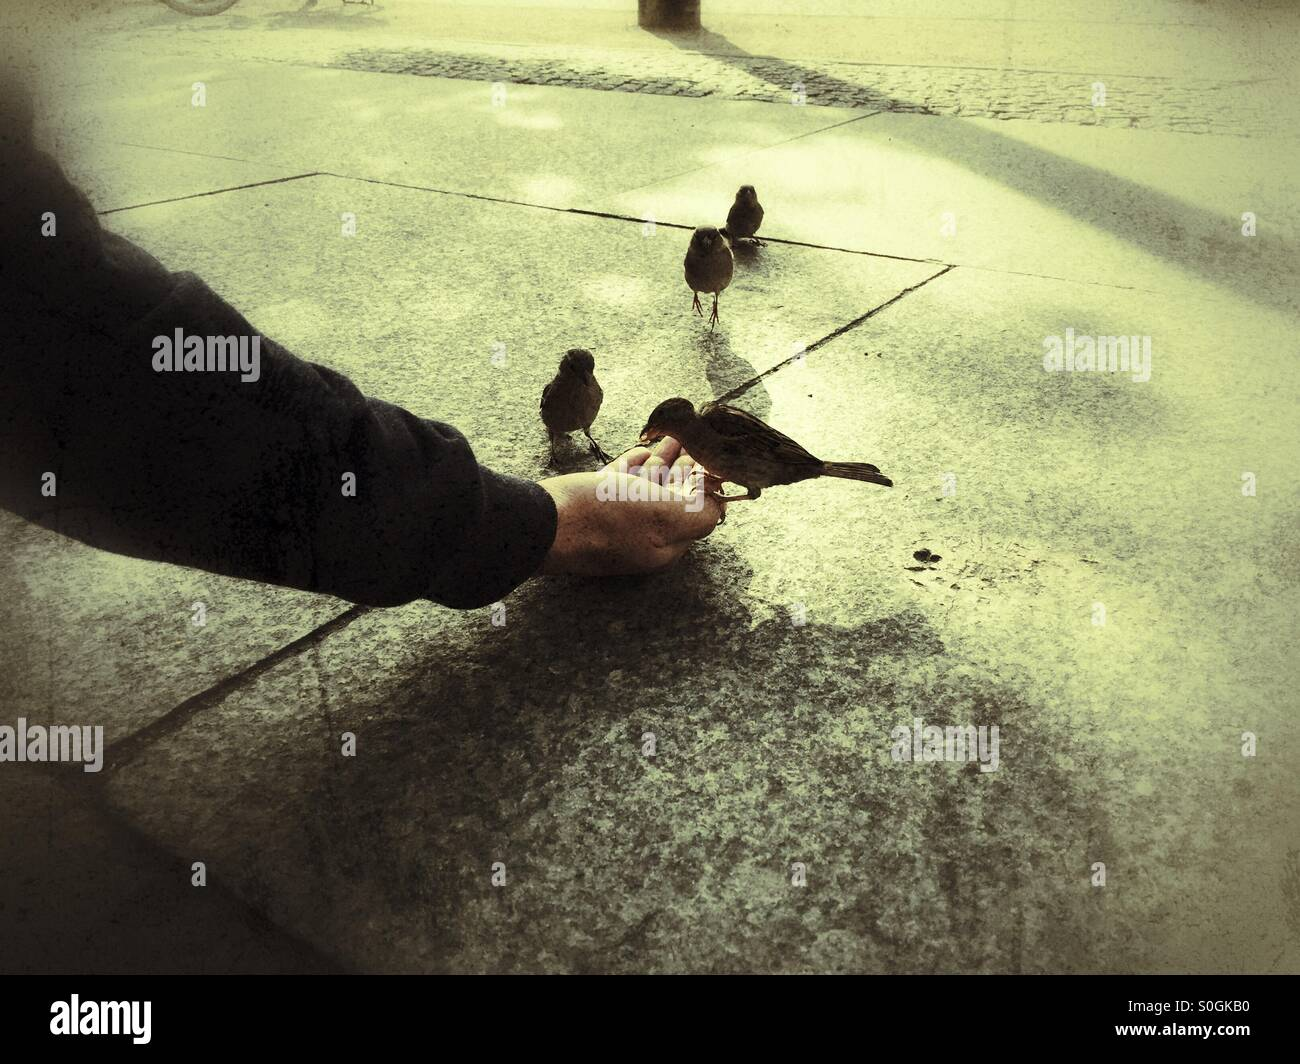 Uomo passero alimentazione di uccelli selvatici Immagini Stock